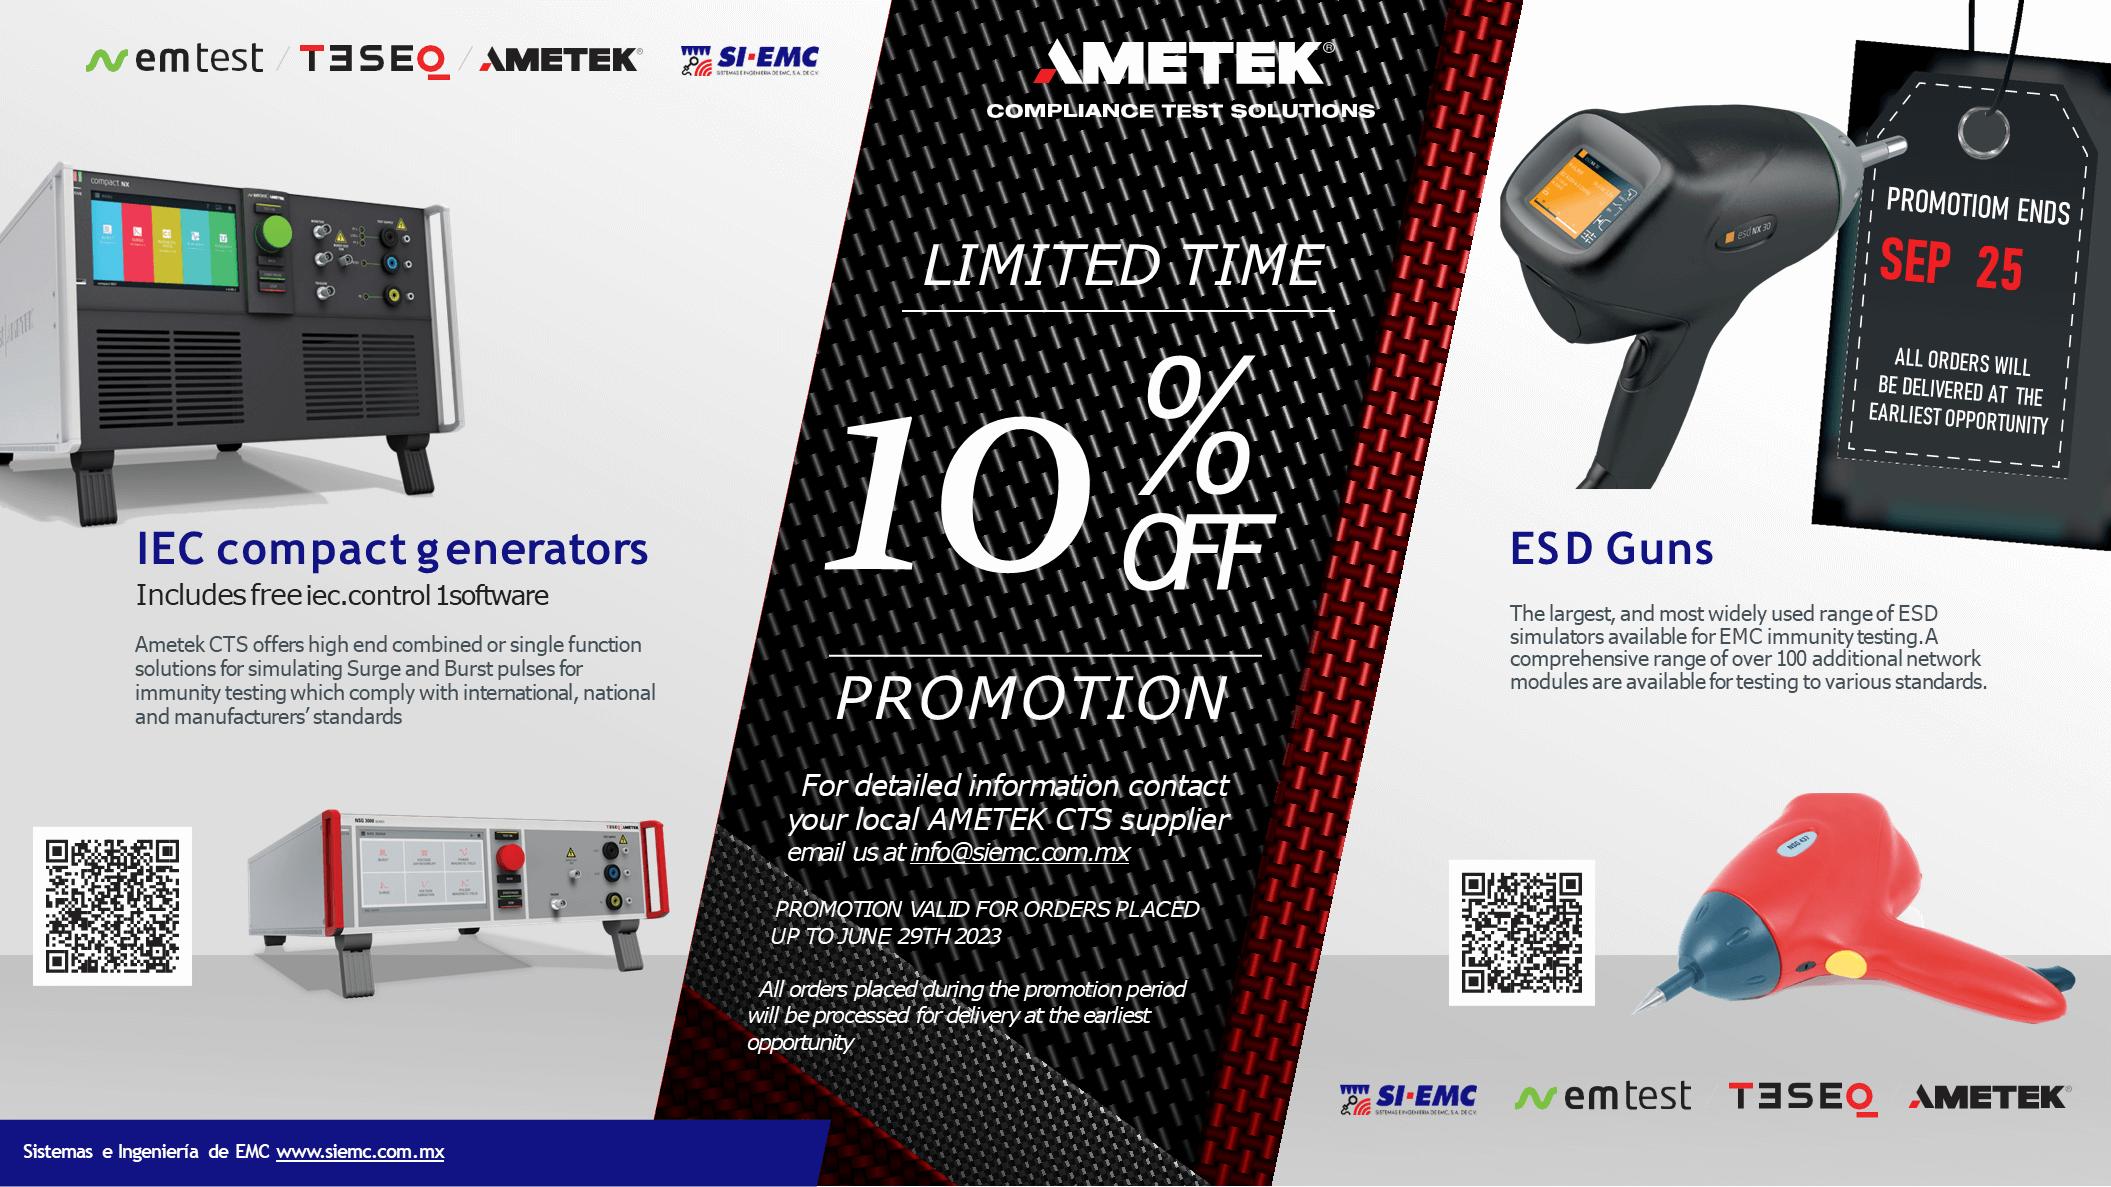 ESD Oferta Especial